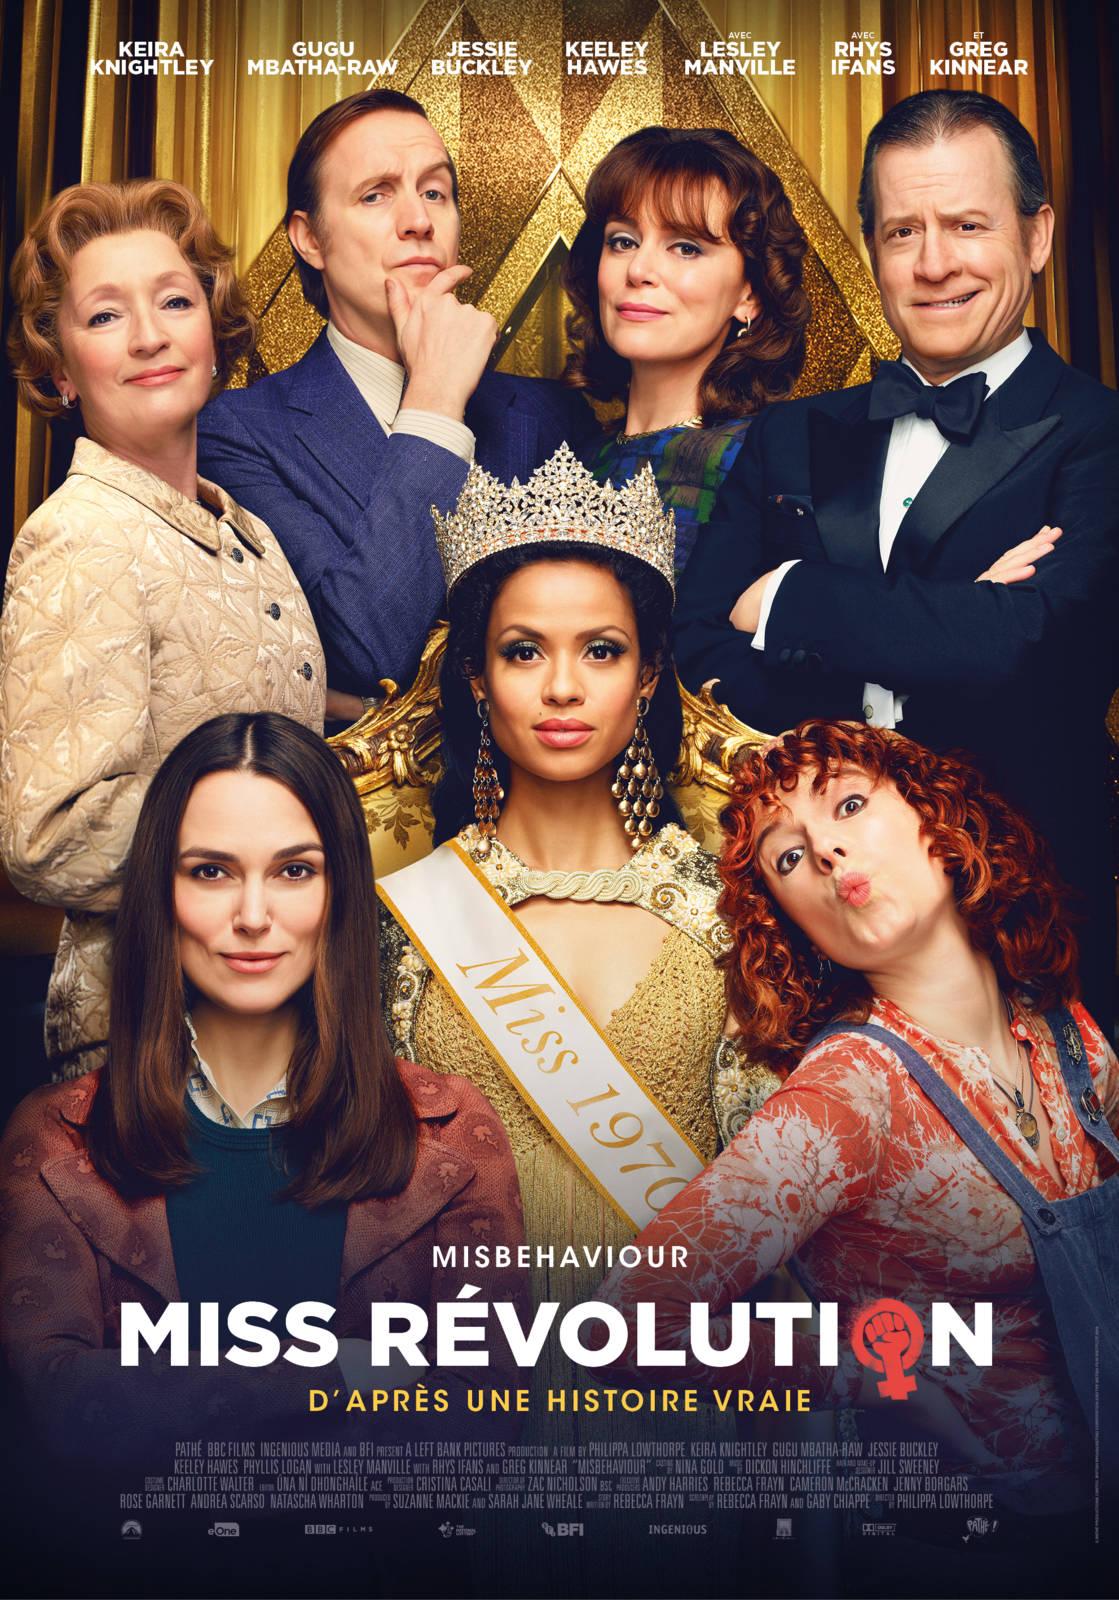 affiche du film Miss Revolution